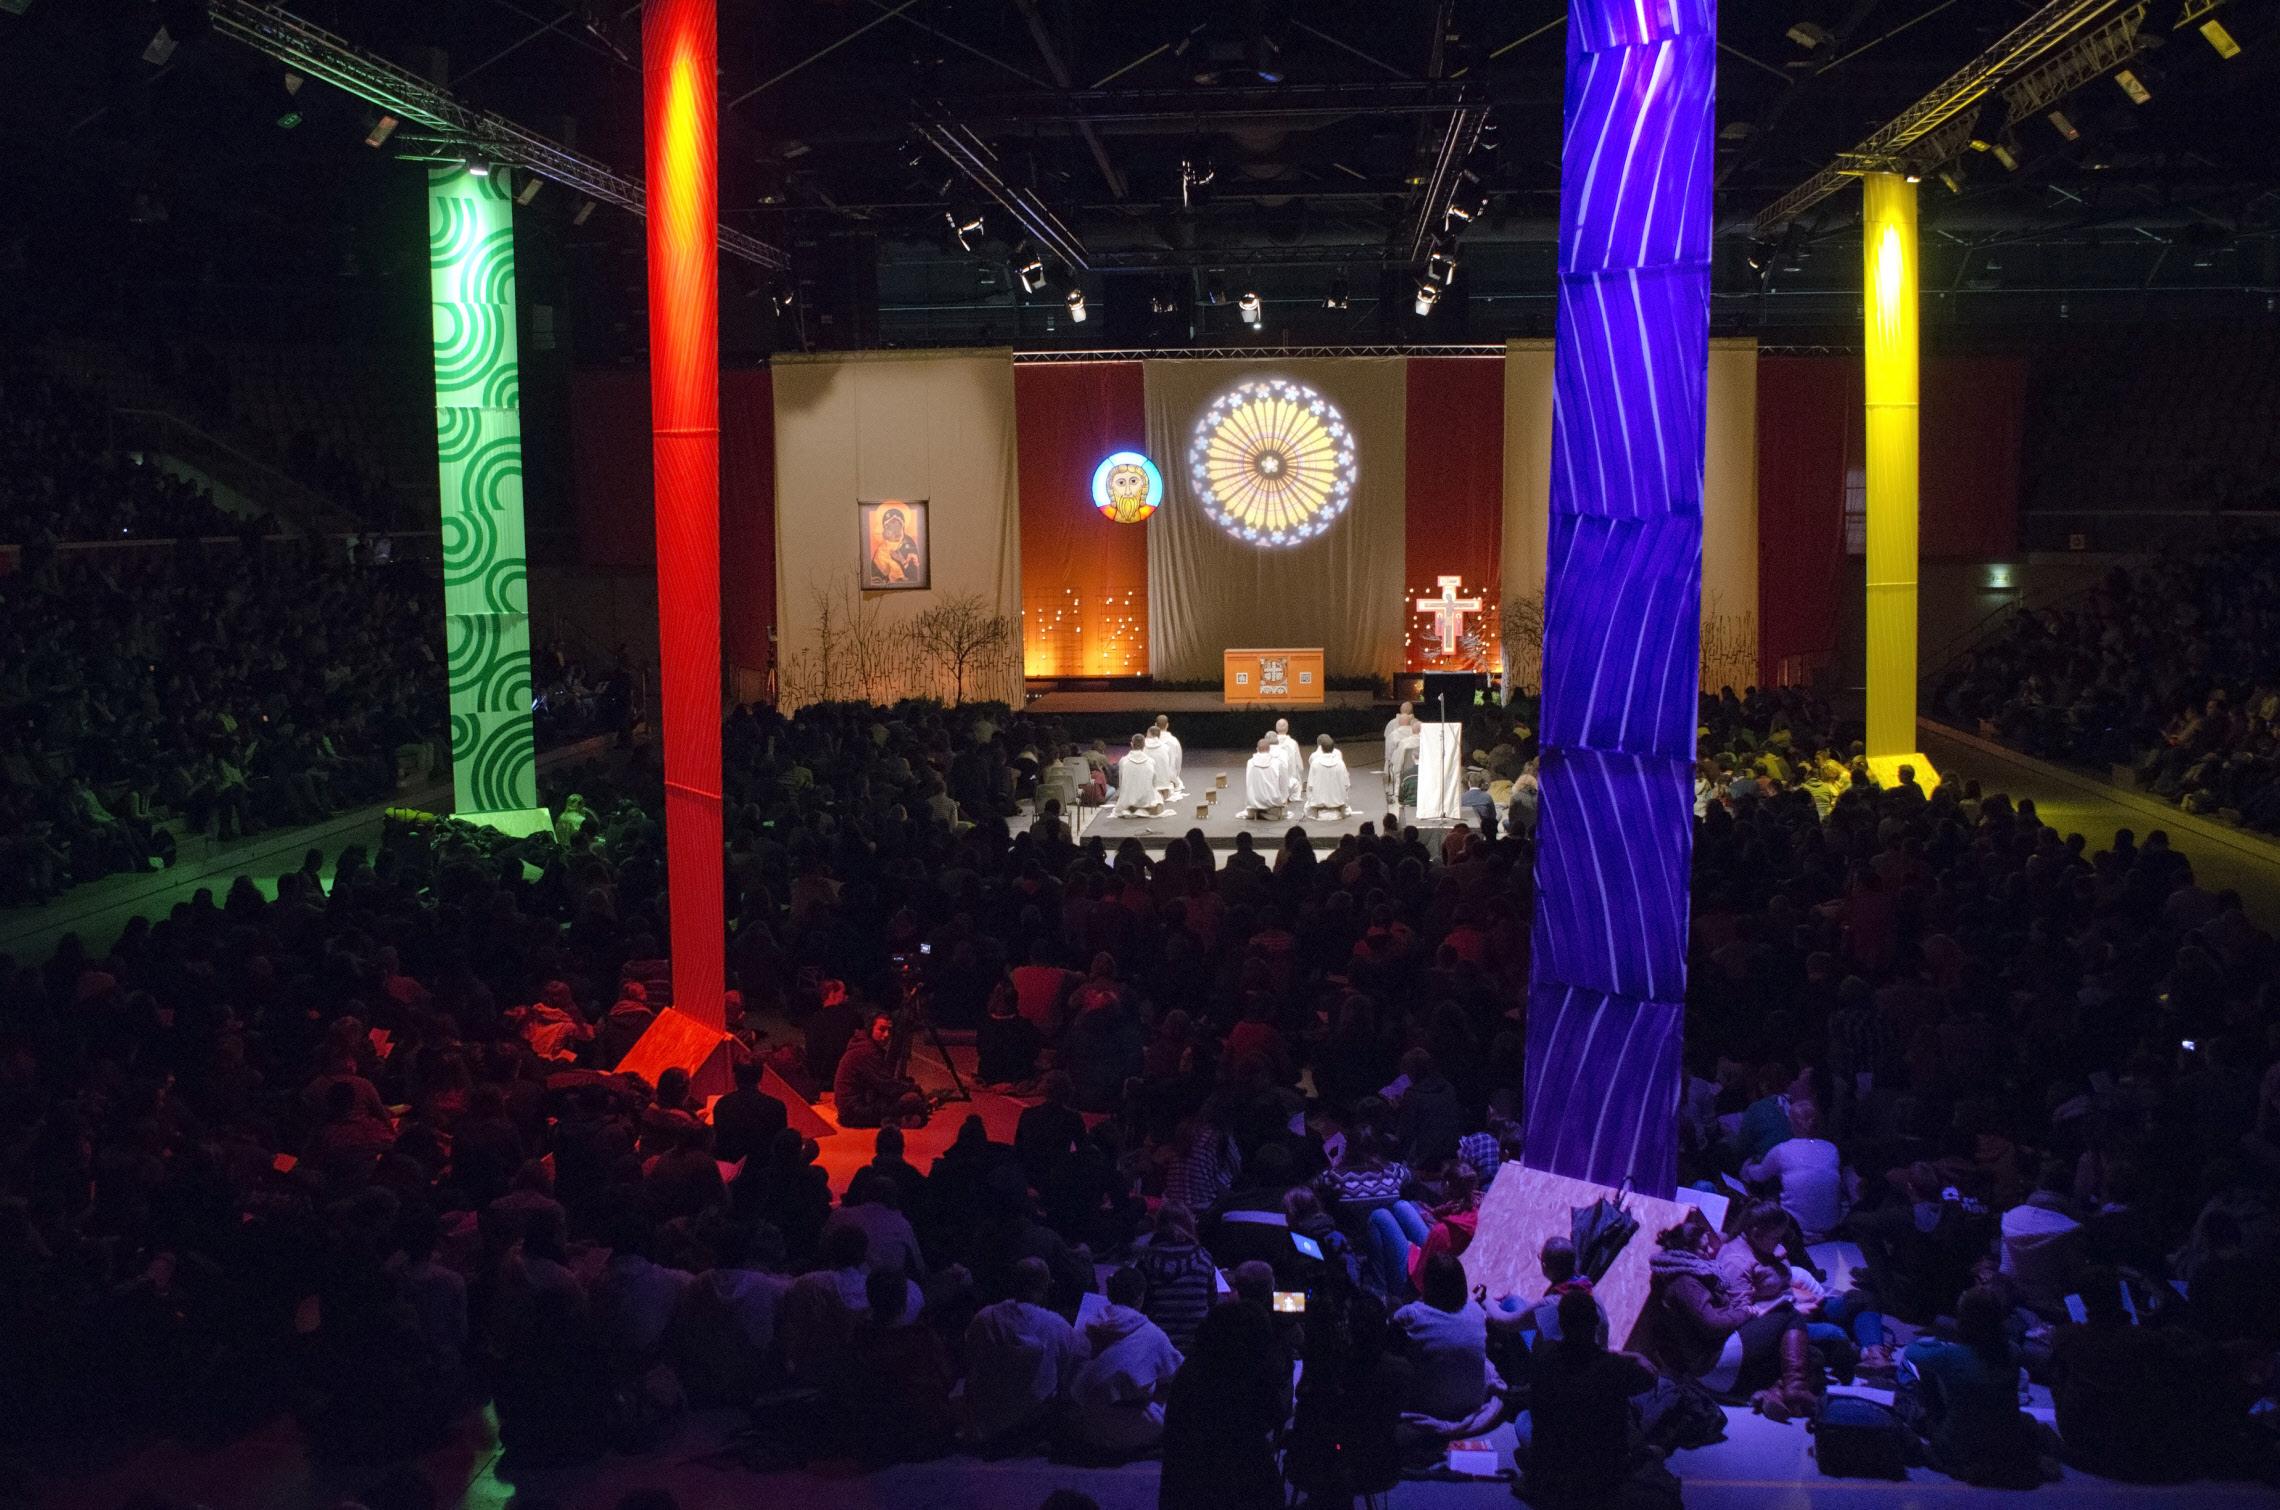 rencontre européenne taizé 2011